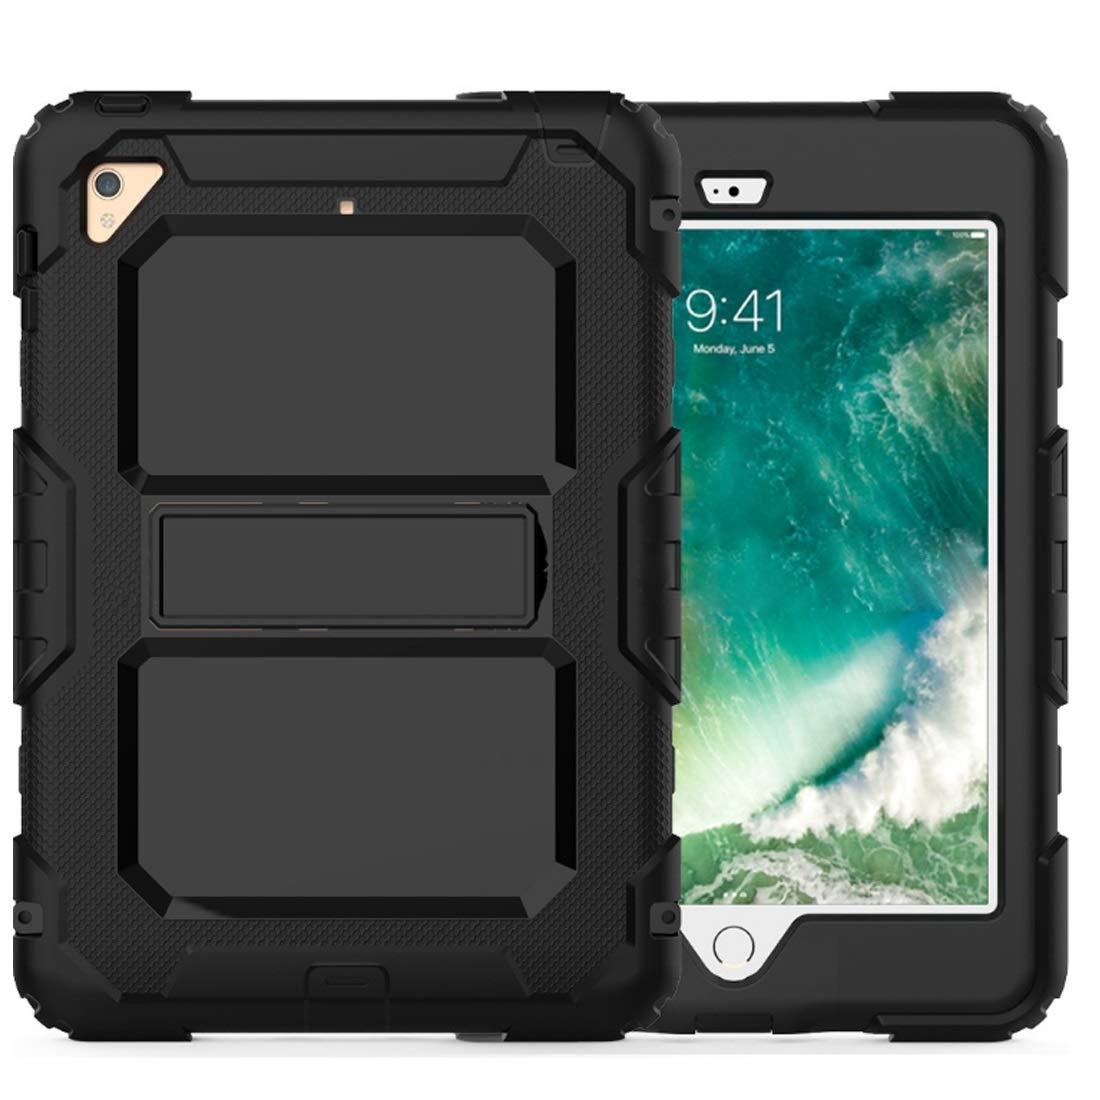 お気にいる KRPENRIO iPad 9.7ケース B07L8B8VG3 2018/2017 iPad iPad フルボディ Mini対応 高耐久 フルボディ 頑丈 保護ケース スクリーンプロテクター内蔵 (カラー:ブラック サイズ:Pro9.7インチ) B07L8B8VG3, 万年筆ボールペンのペンハウス:c83a2747 --- a0267596.xsph.ru